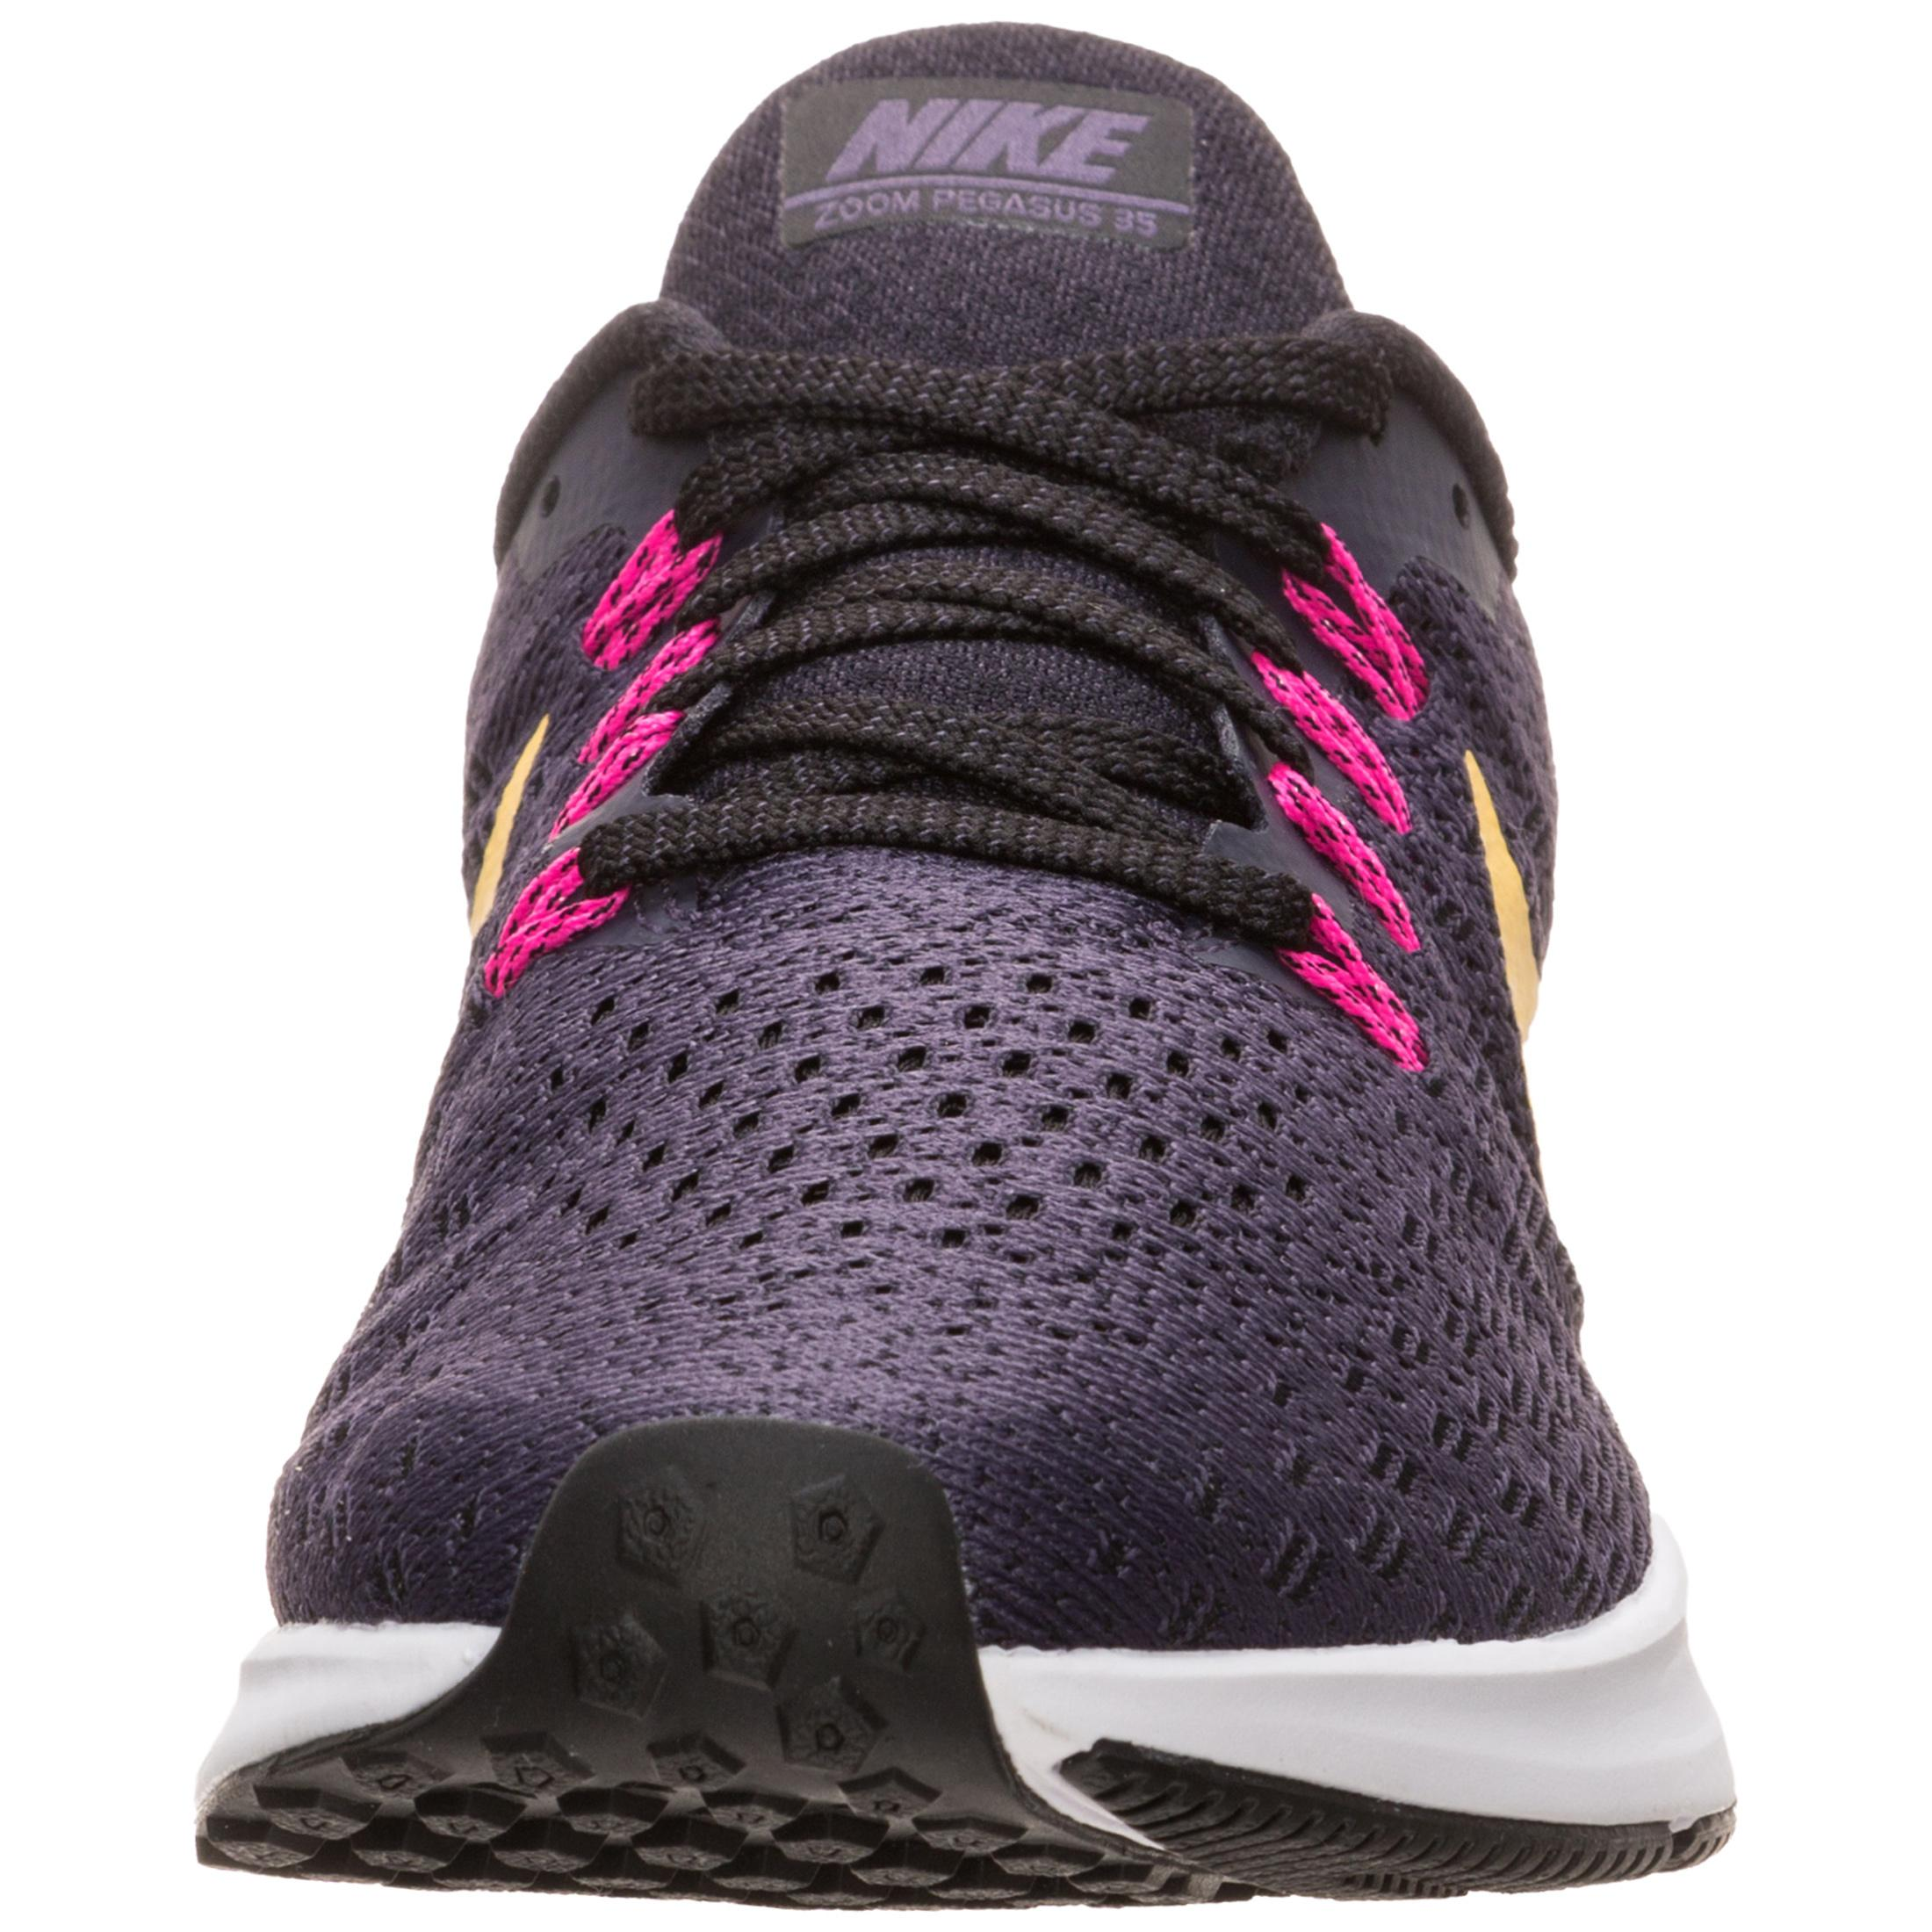 Nike Air Air Air Zoom Pegasus 35 Laufschuhe Damen dunkelgrau   Orange im Online Shop von SportScheck kaufen Gute Qualität beliebte Schuhe 5b3d03